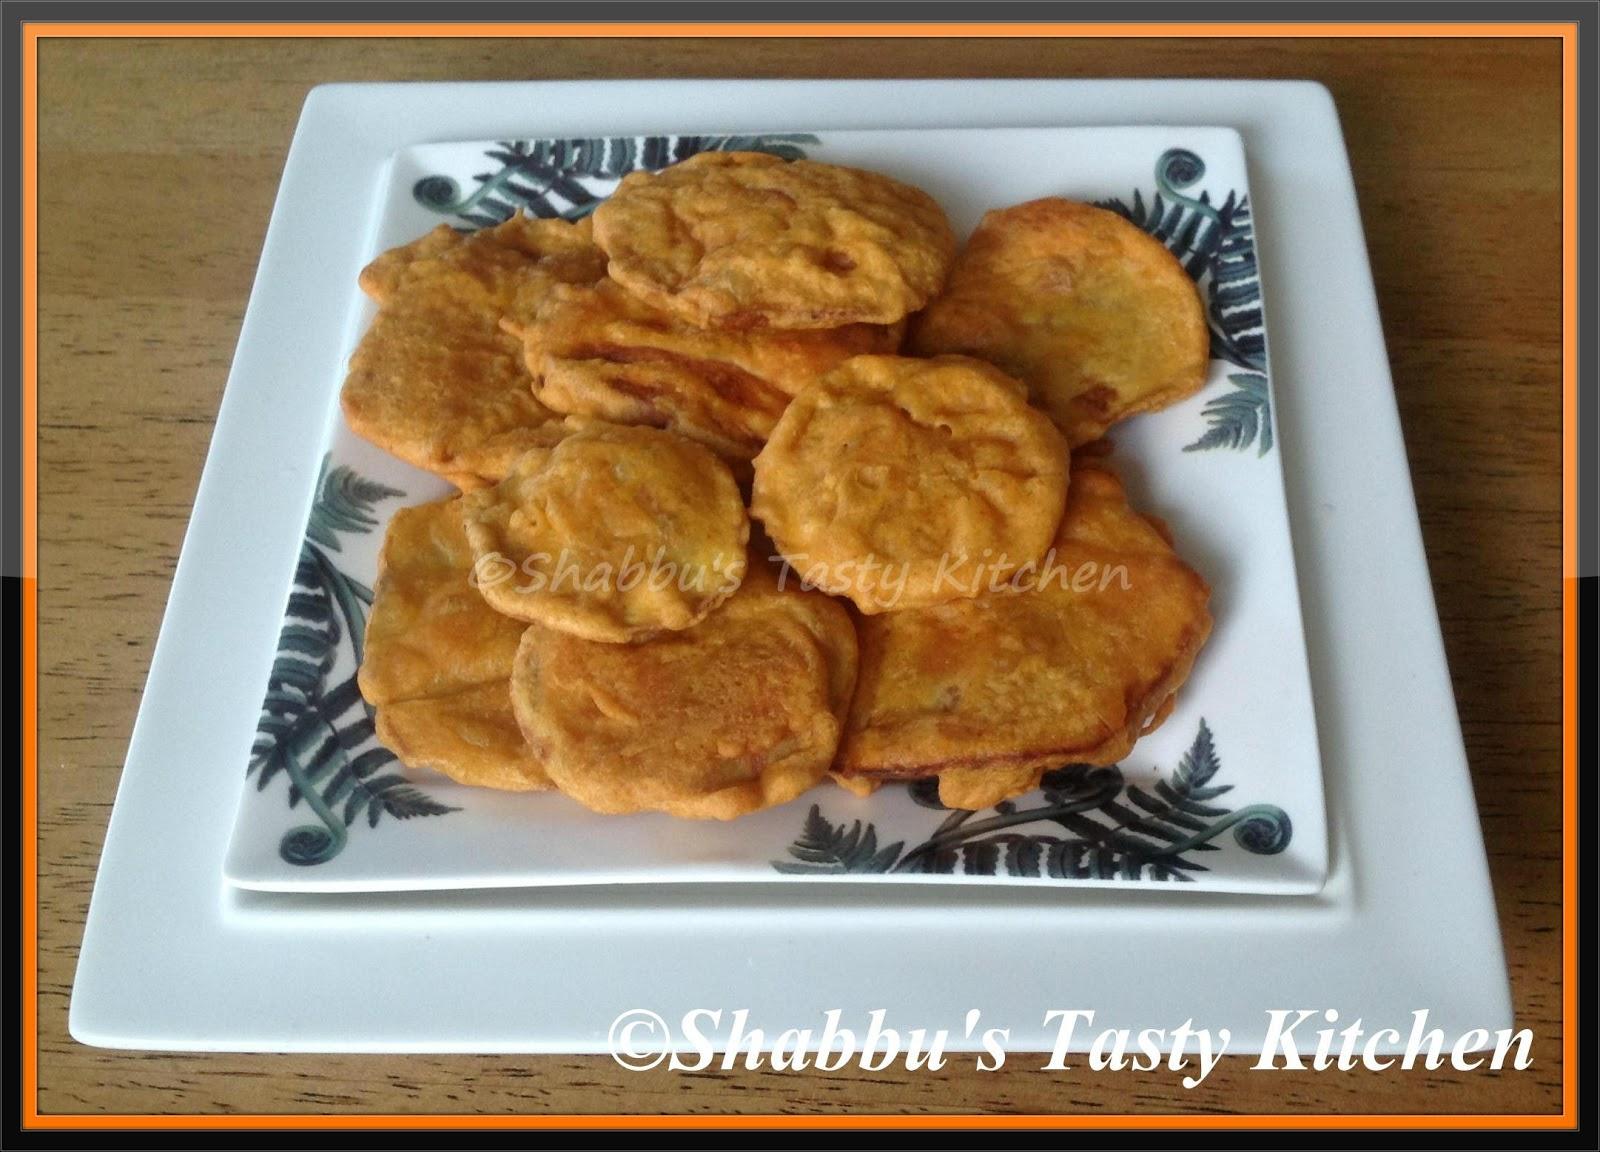 Shabbu Tasty Kitchen Sweet Potato Madhura Kizhangu Fritters